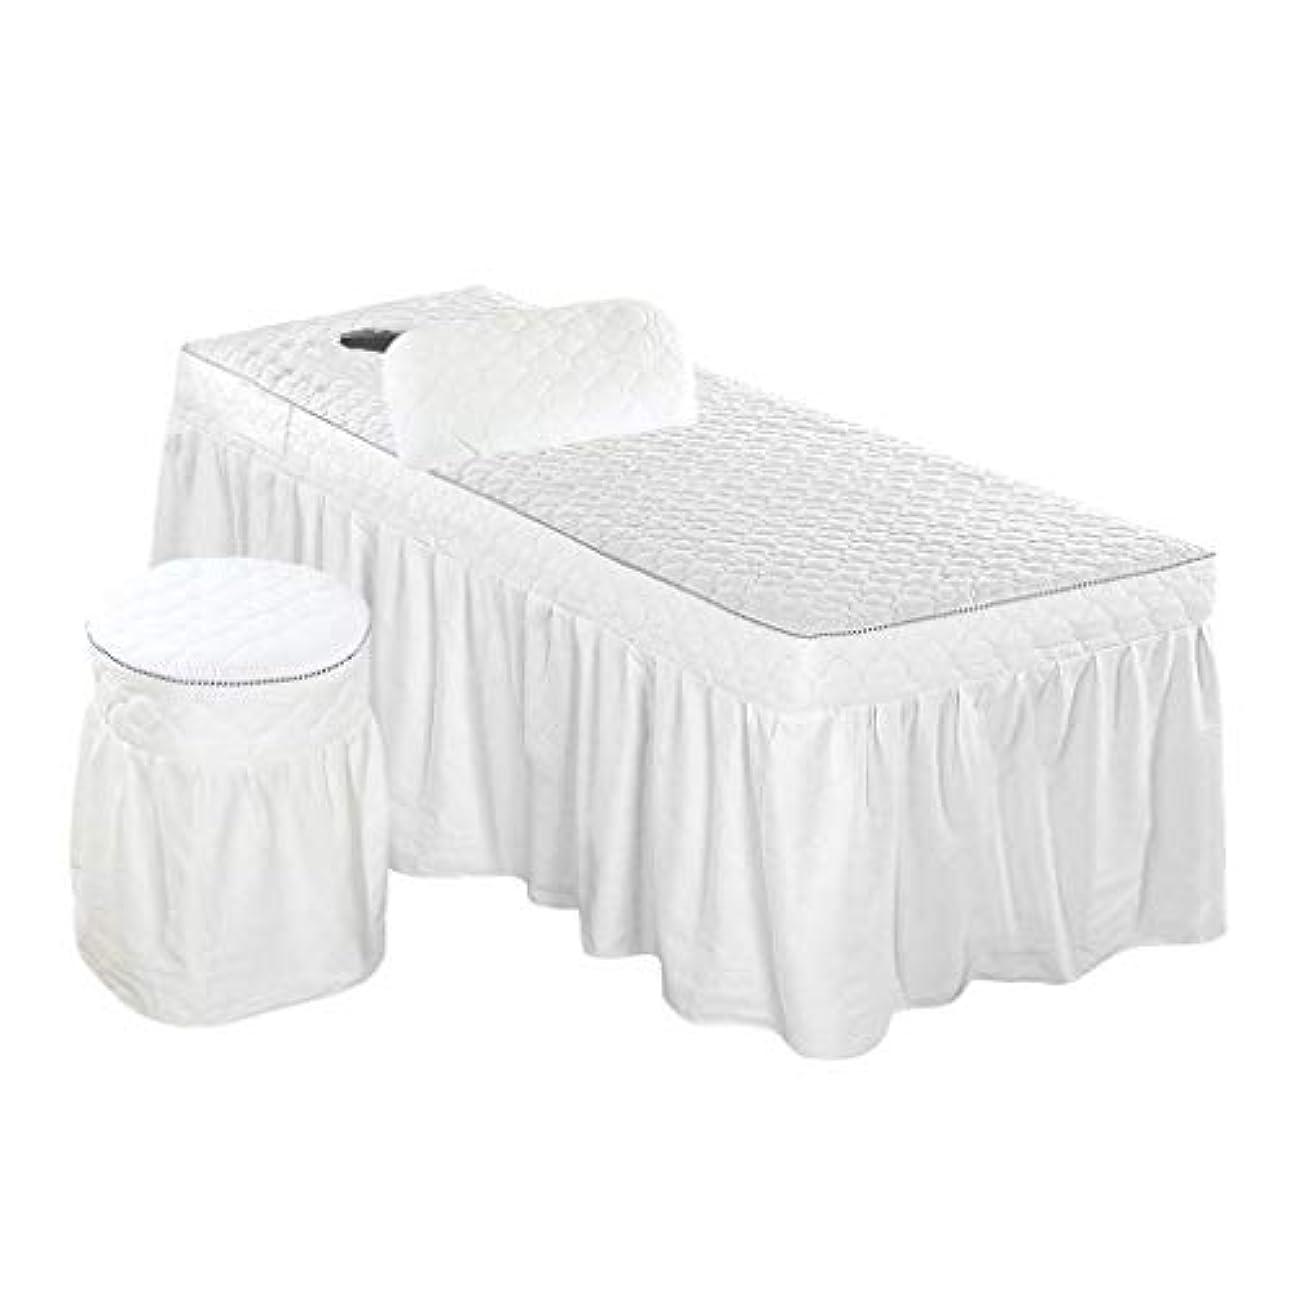 よりコスト甥エステベッドカバー 美容ベッドカバー 有孔 スツールカバー ピローケース付き - ホワイト